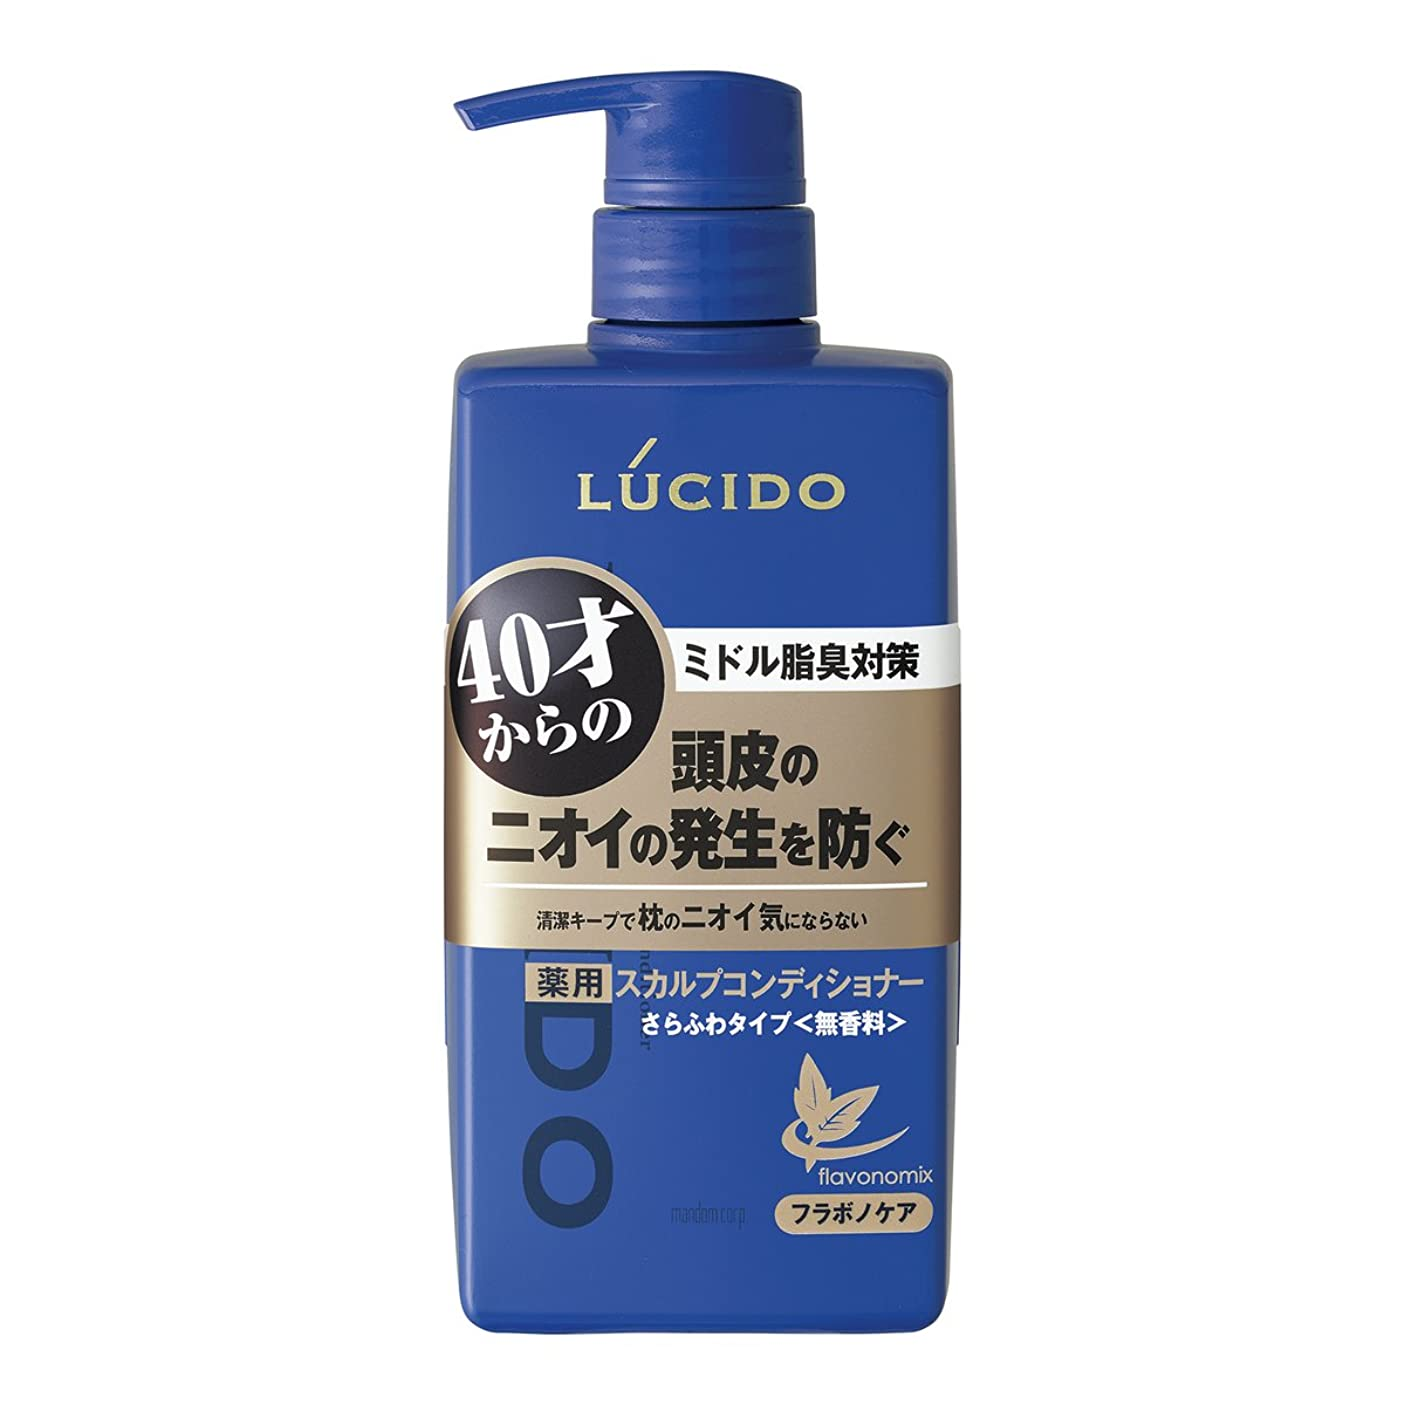 かんたん定義する動物ルシード 薬用ヘア&スカルプコンディショナー 450g(医薬部外品)